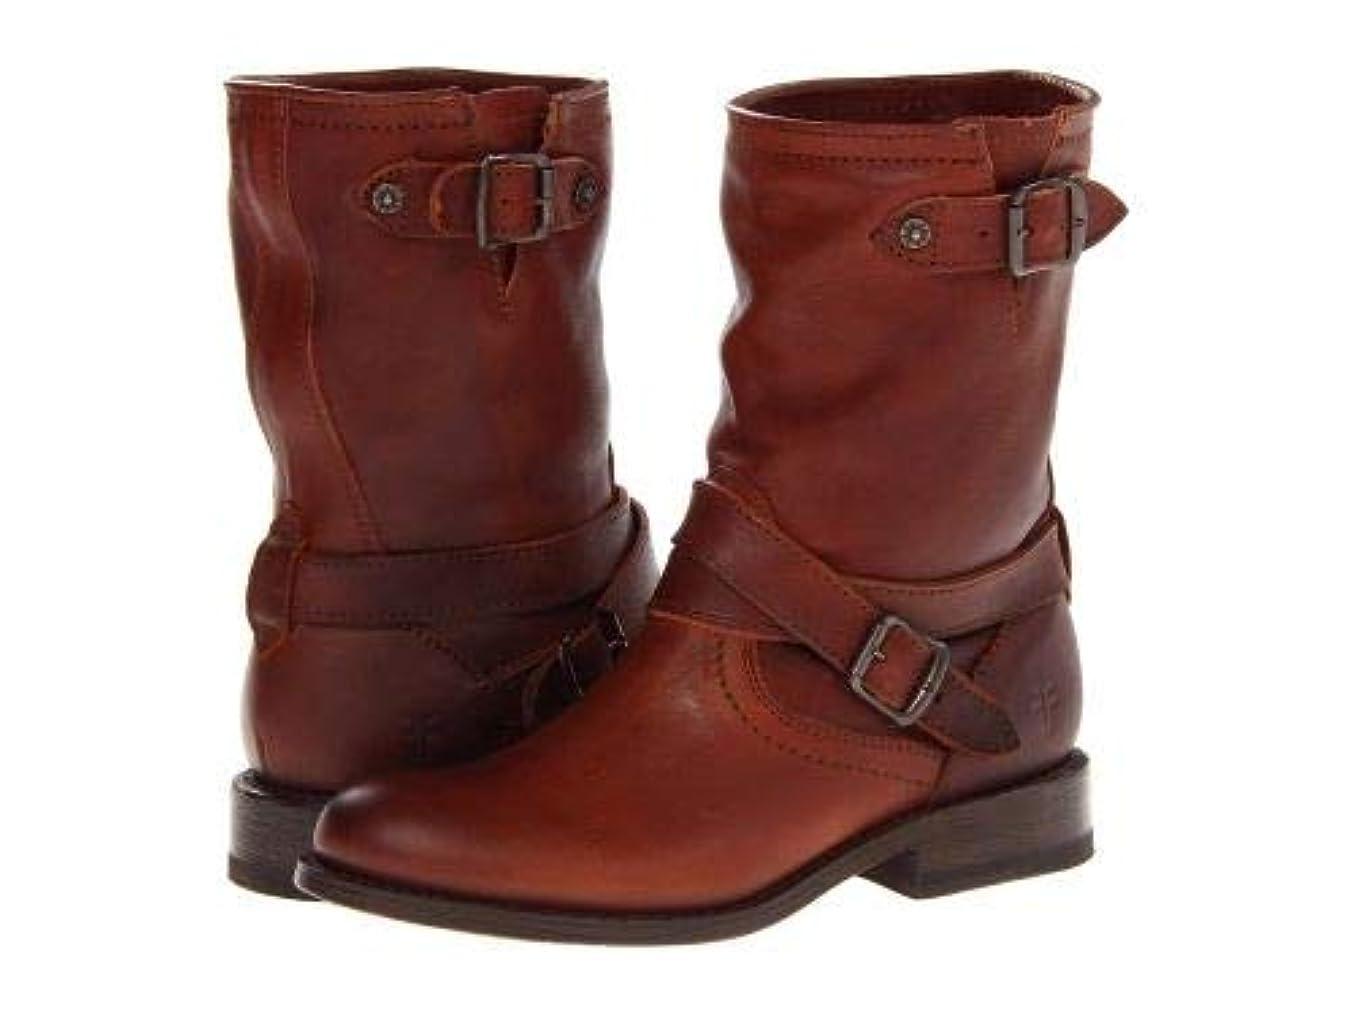 インシュレータ価値村Frye(フライ) レディース 女性用 シューズ 靴 ブーツ ライダーブーツ Jayden Cross Engineer - Whiskey Tumbled Full Grain [並行輸入品]